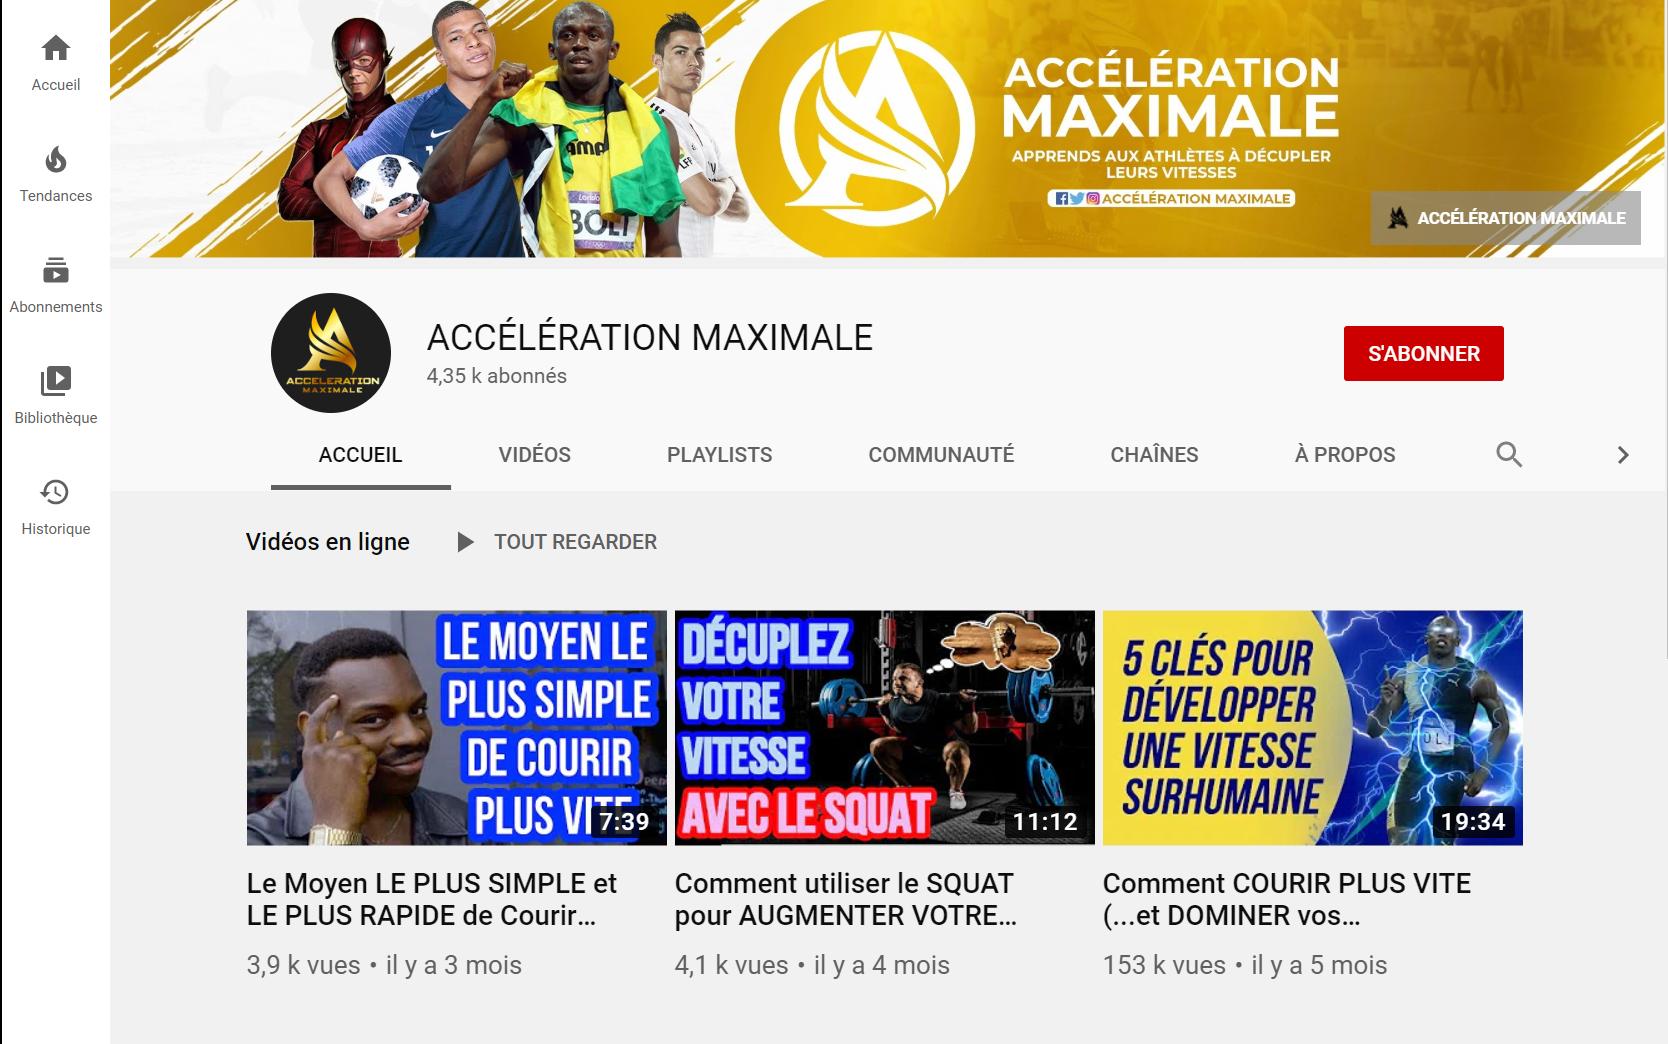 Accélération Maximale: Vidéos